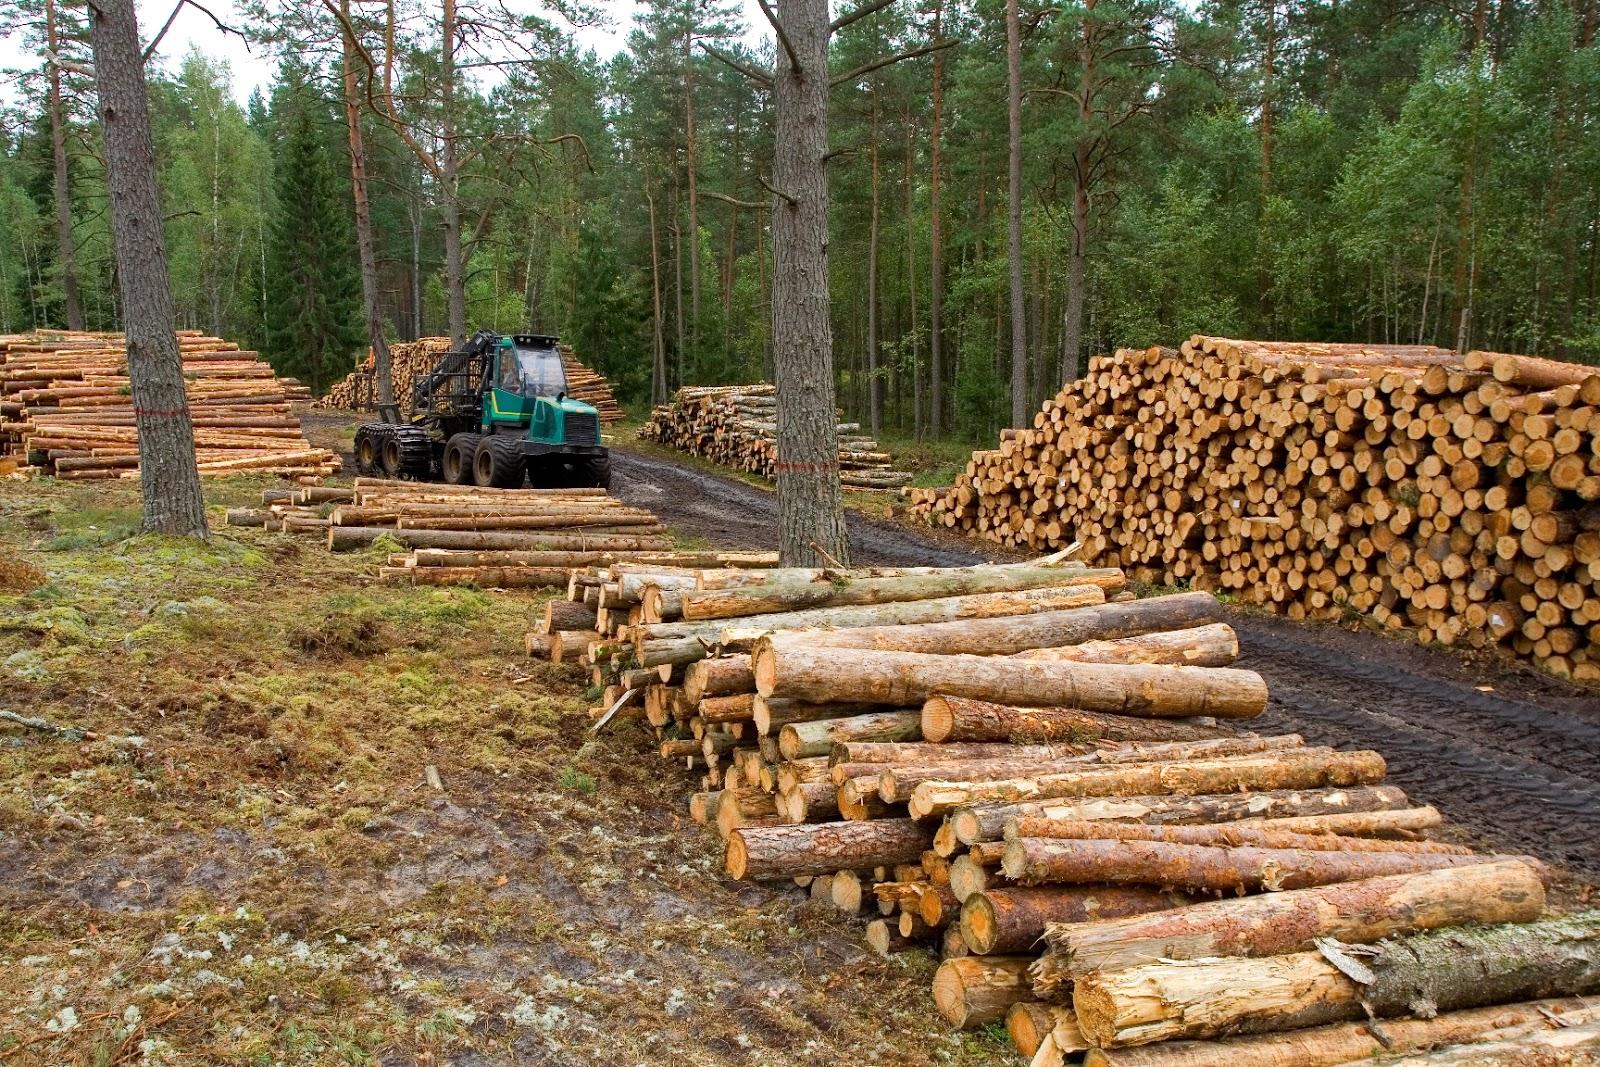 Deforestaciones masivas utilizada por muchas industrias que reduce la absorción del CO2